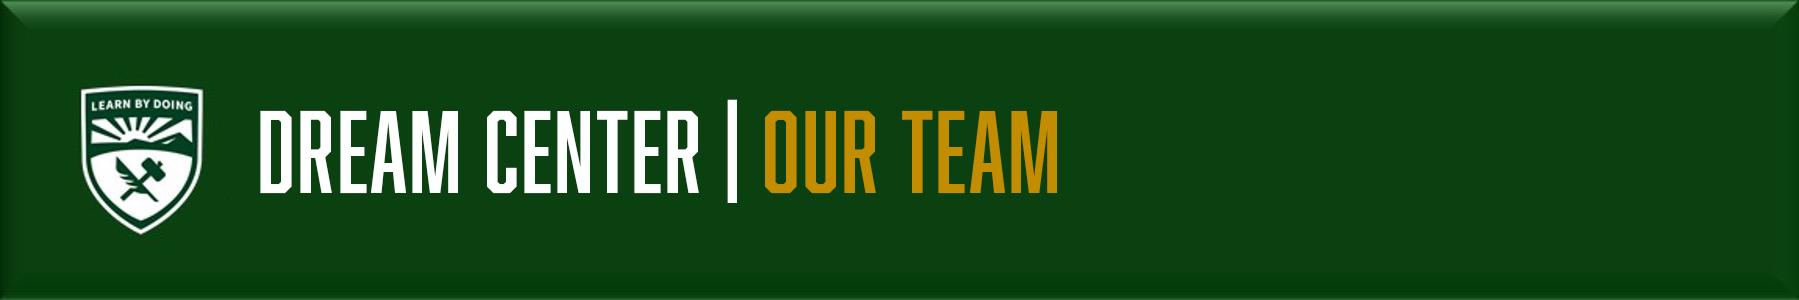 Dream Center - Our Team